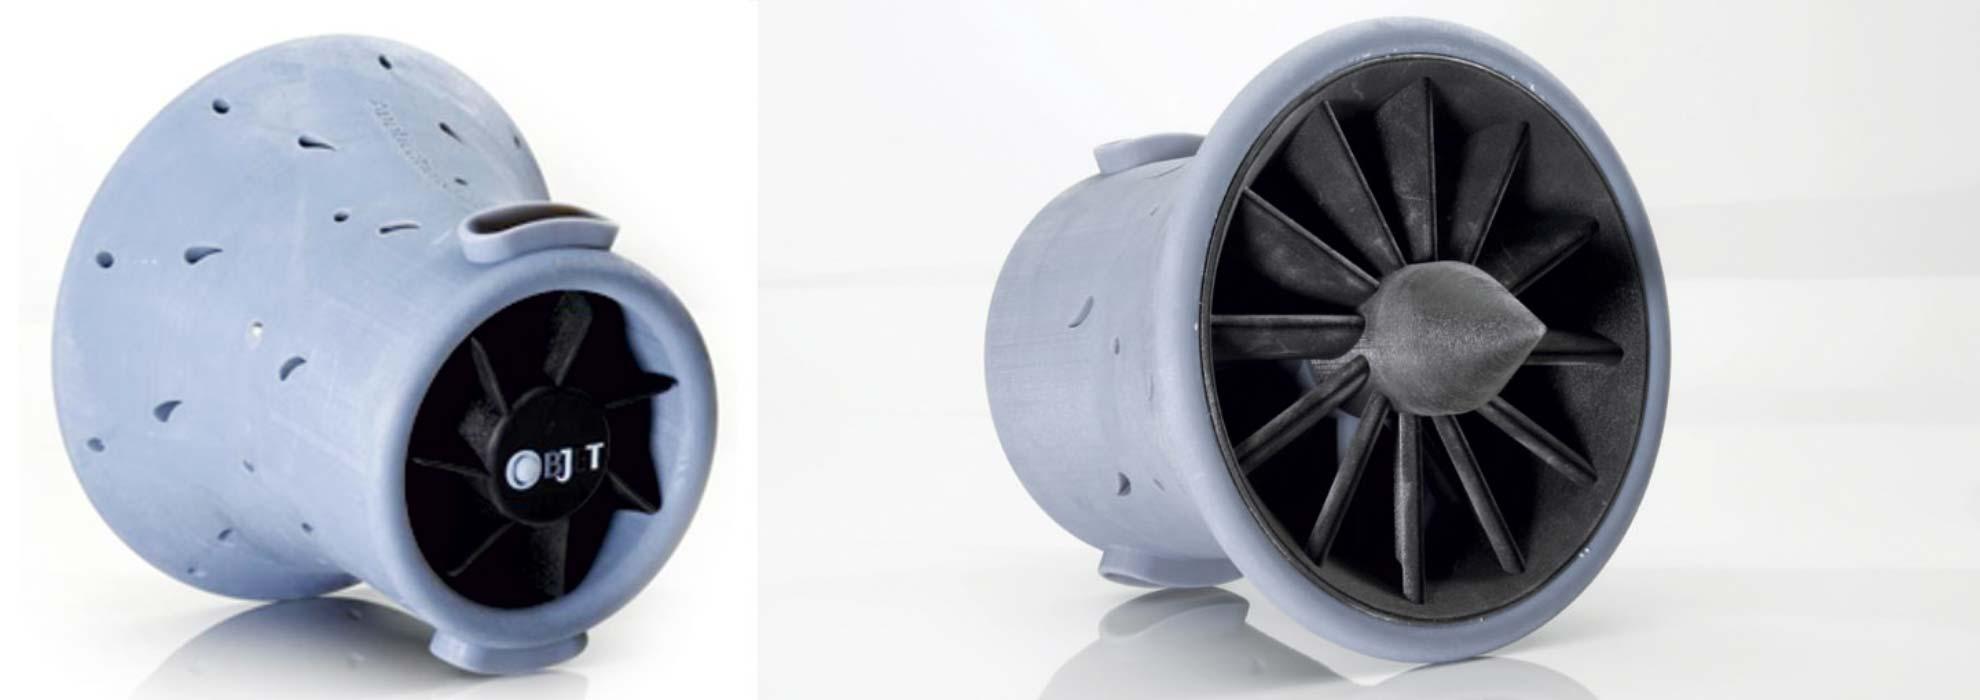 Макет турбины самолета